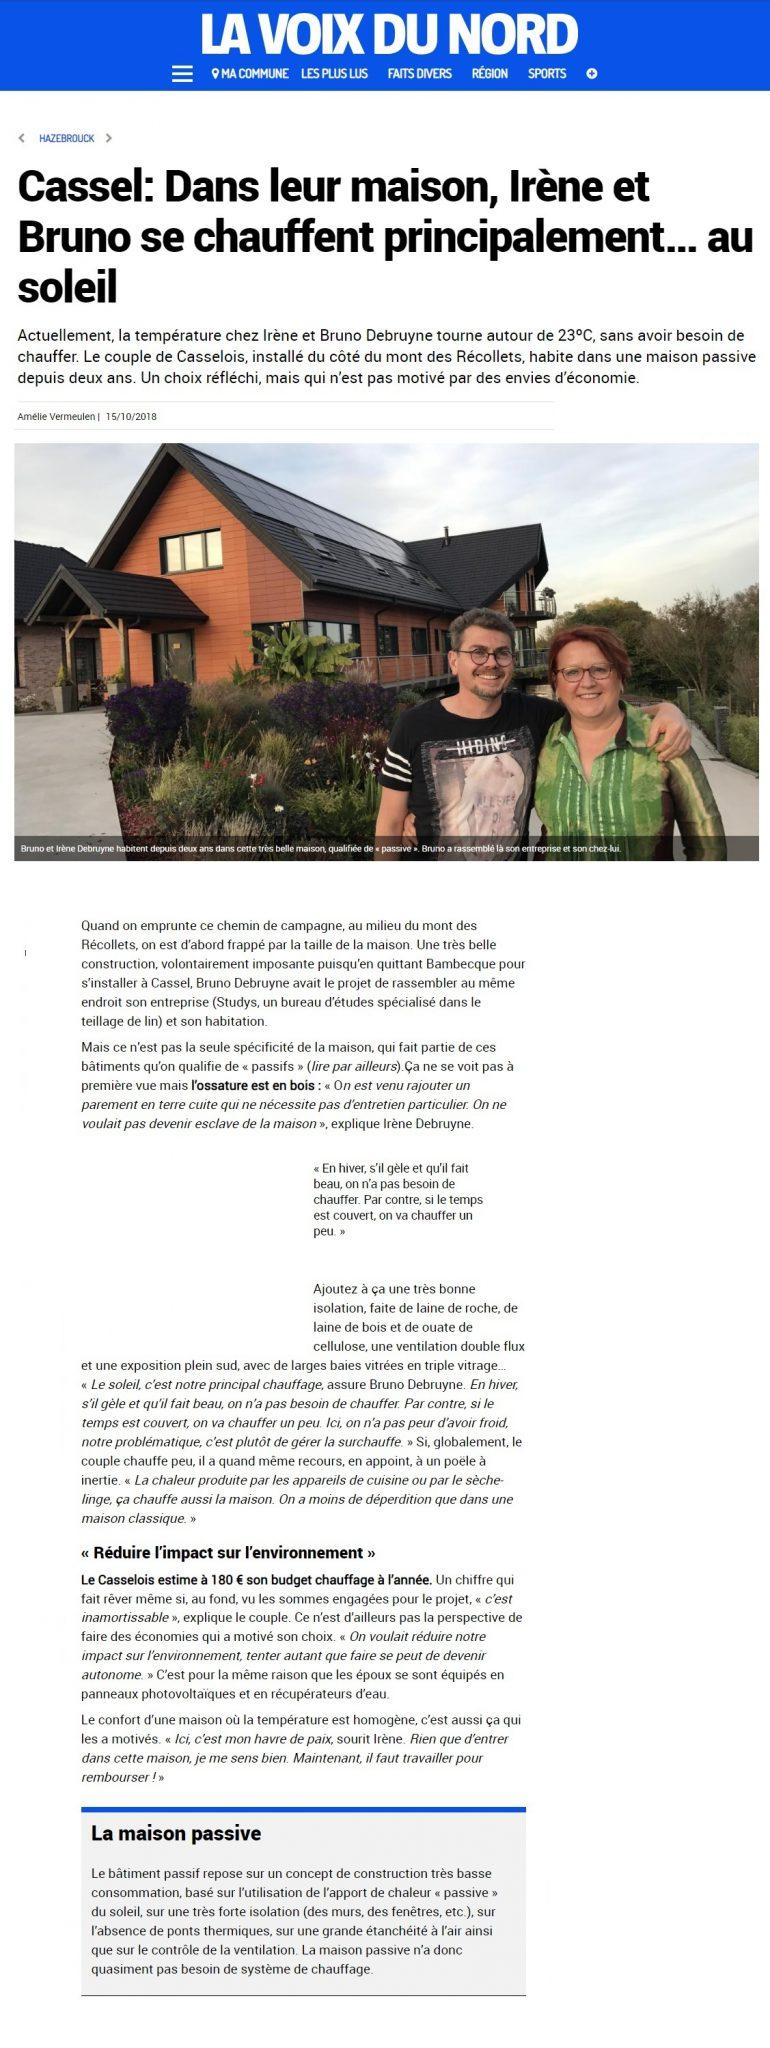 ARTICLE VOIX DU NORD 2018